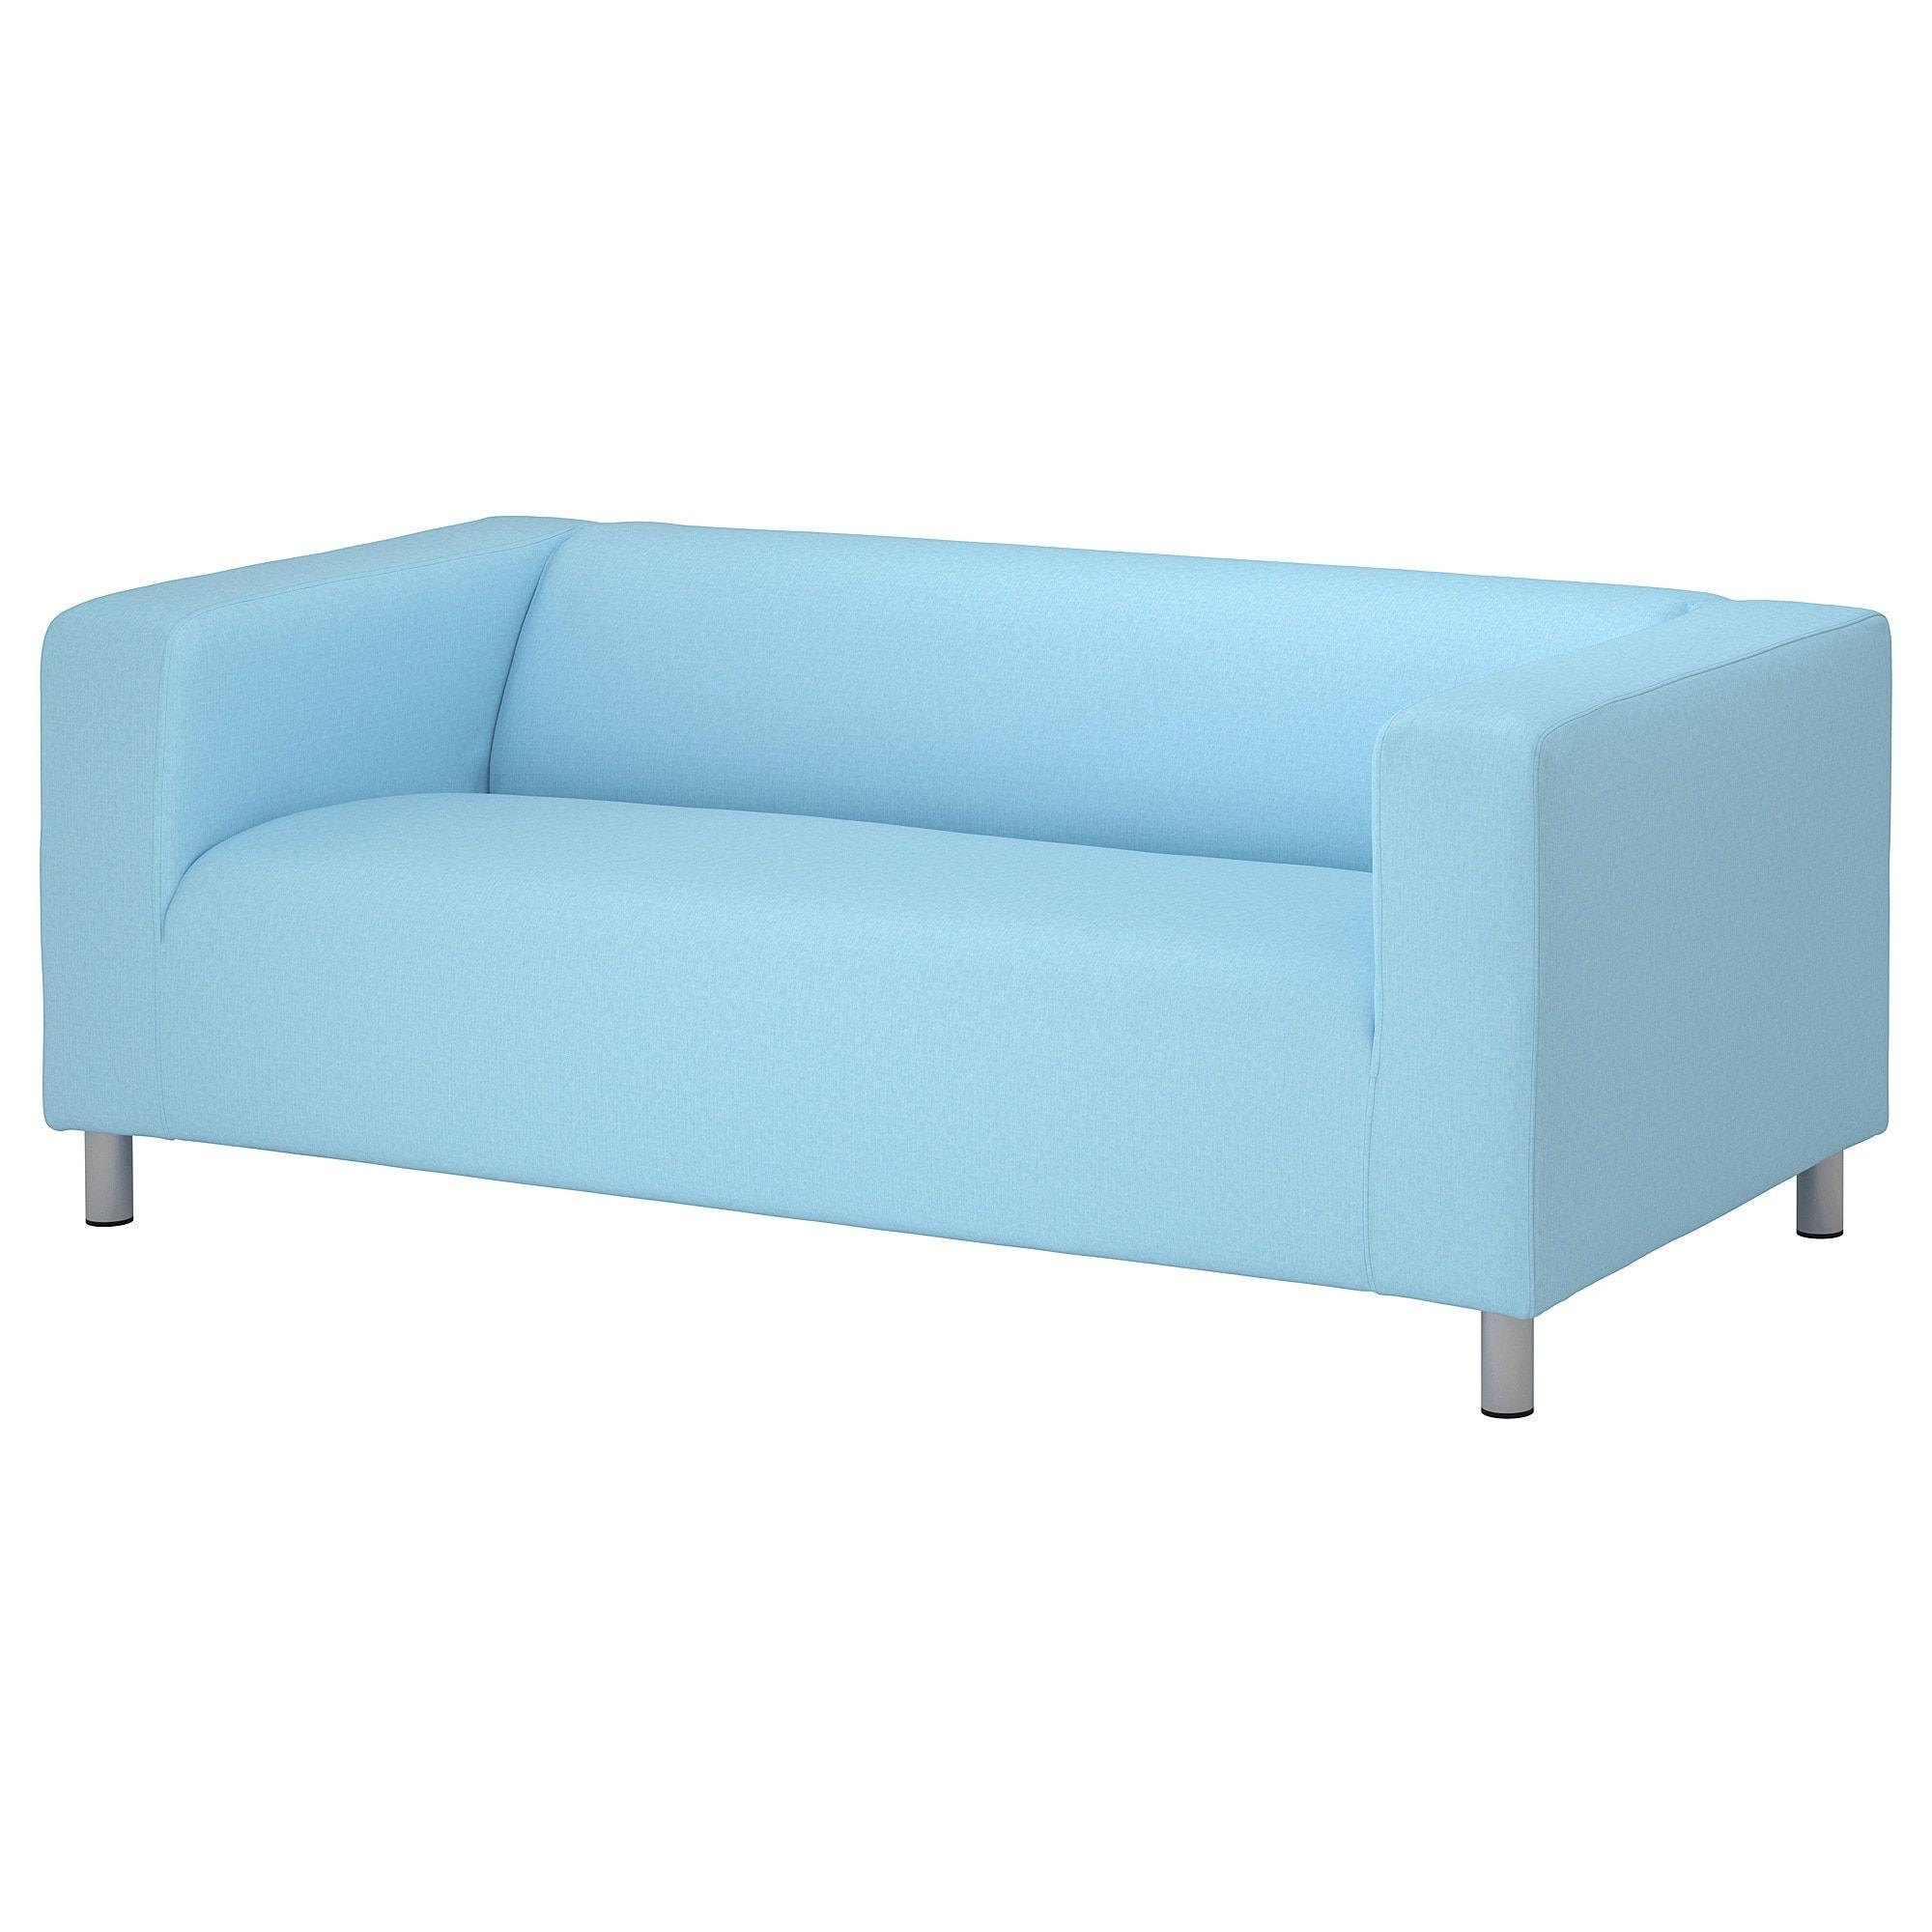 Ikea Klippan Cover For Loveseat Vissle Light Blue In